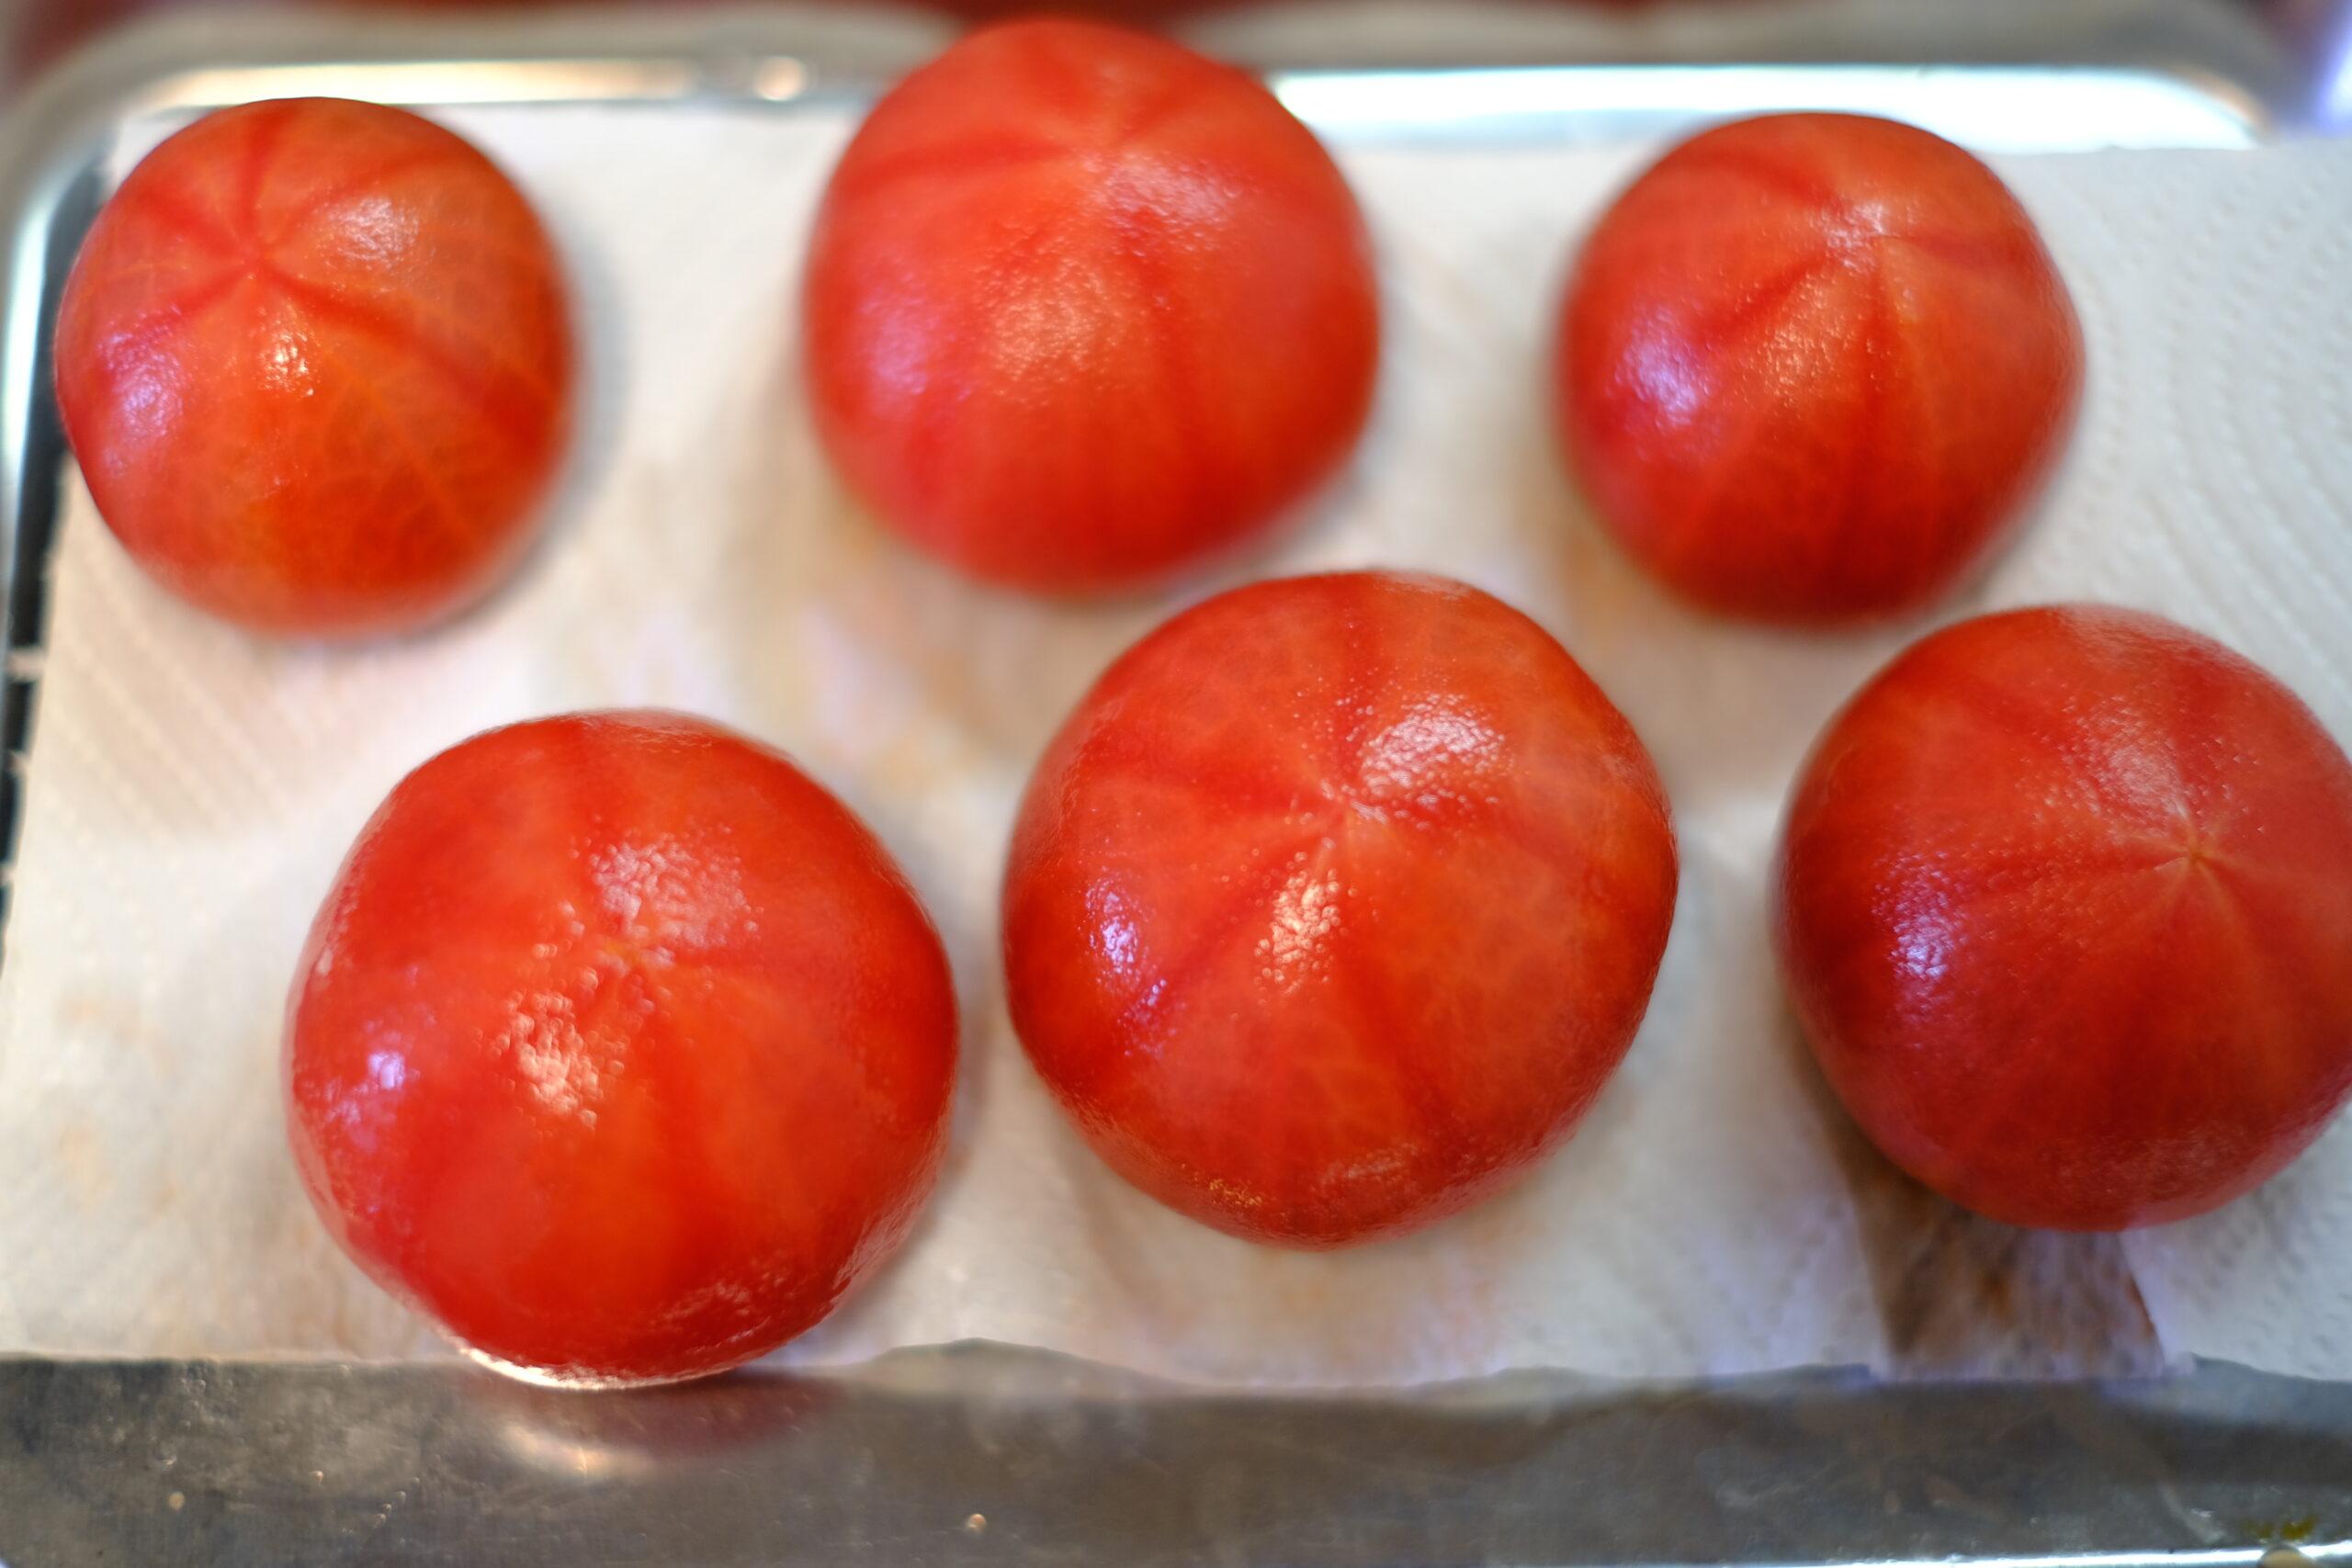 皮を剥いたフルーツトマトの画像